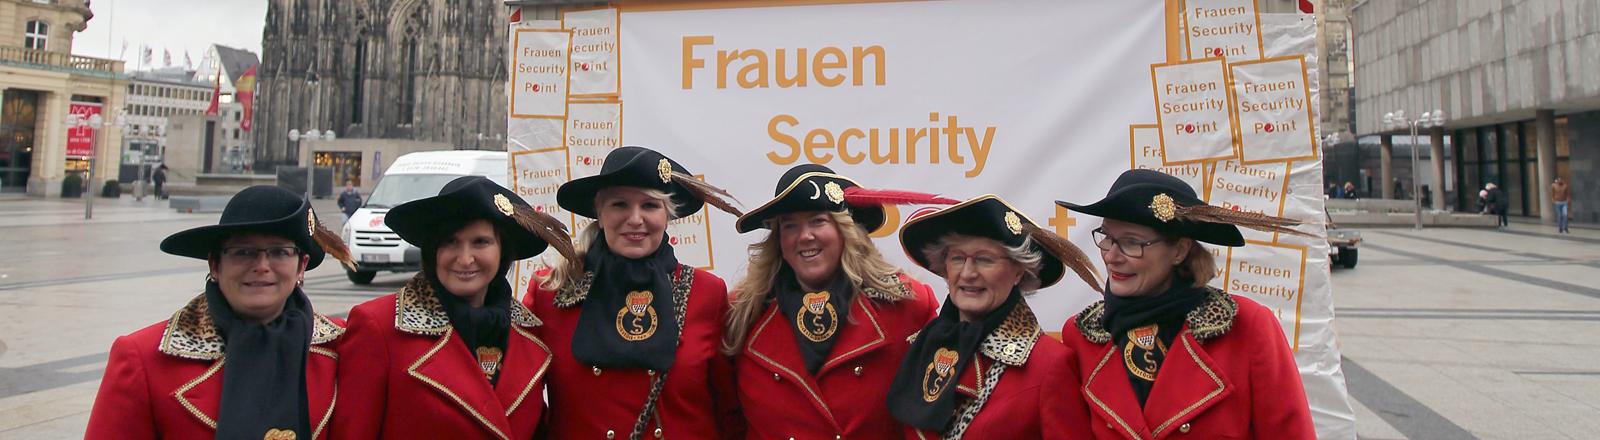 """Mitglieder der Frauen-Karnevalsgesellschaft """"Schmuckstückchen"""" stehen am 03.02.2016 in Köln (Nordrhein-Westfalen) vor dem """"Frauen Security Point"""" am Dom."""